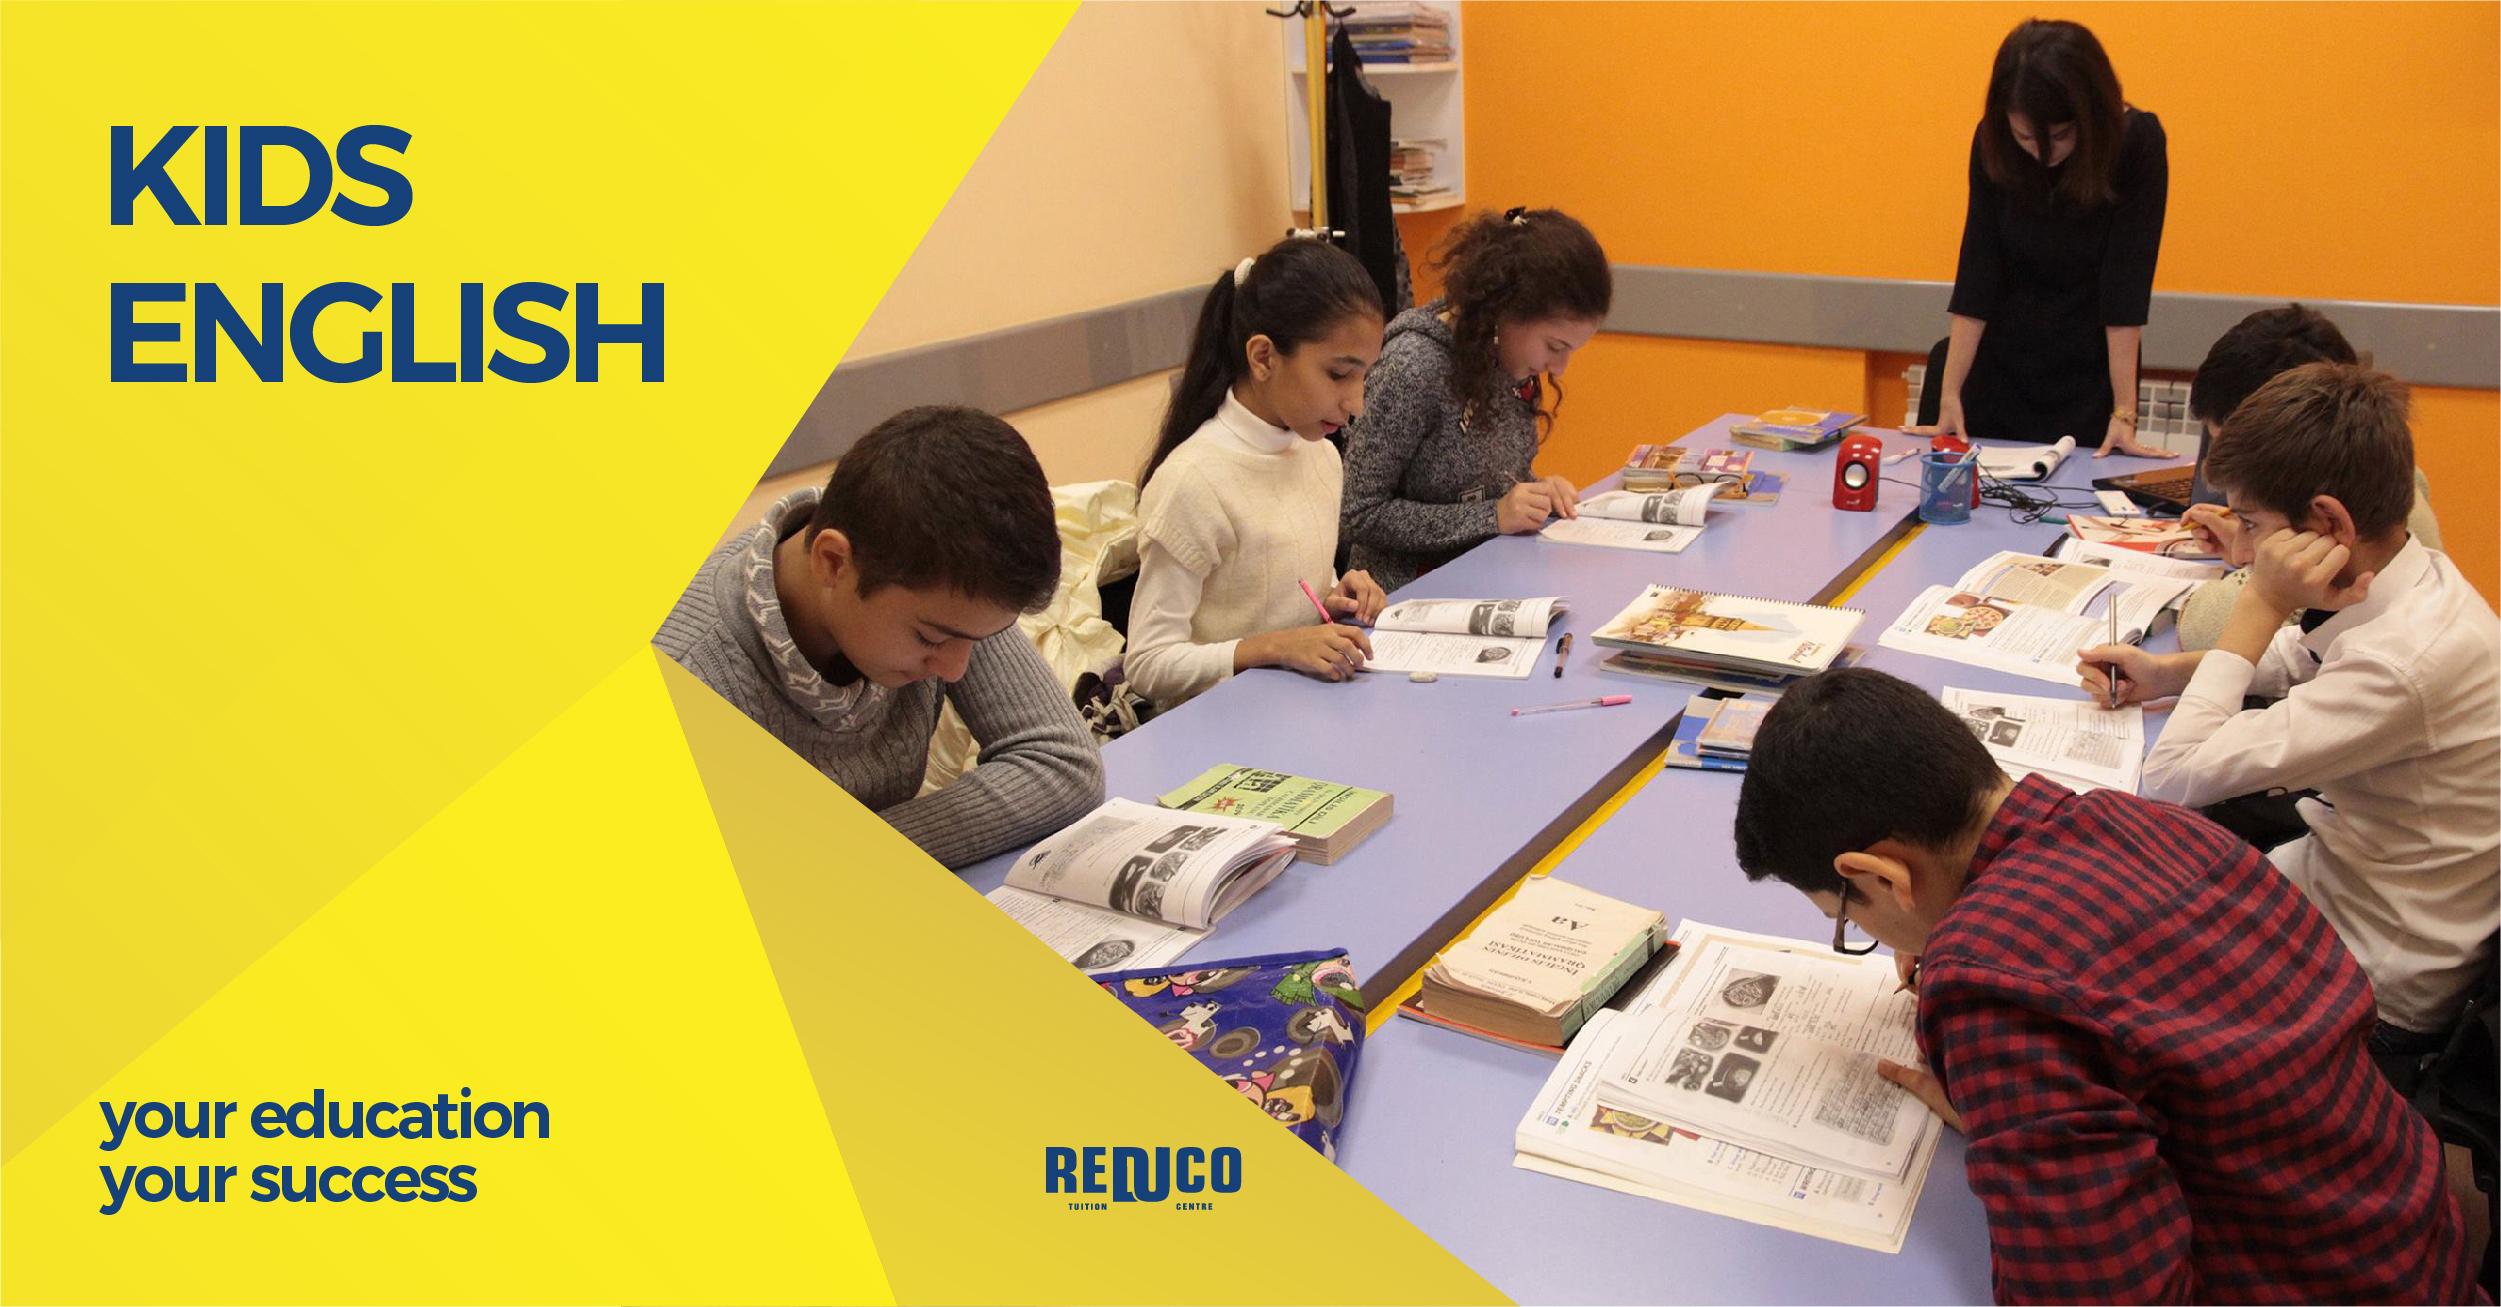 reduco  Uşaqlar üçün ingilis dili dərsləri